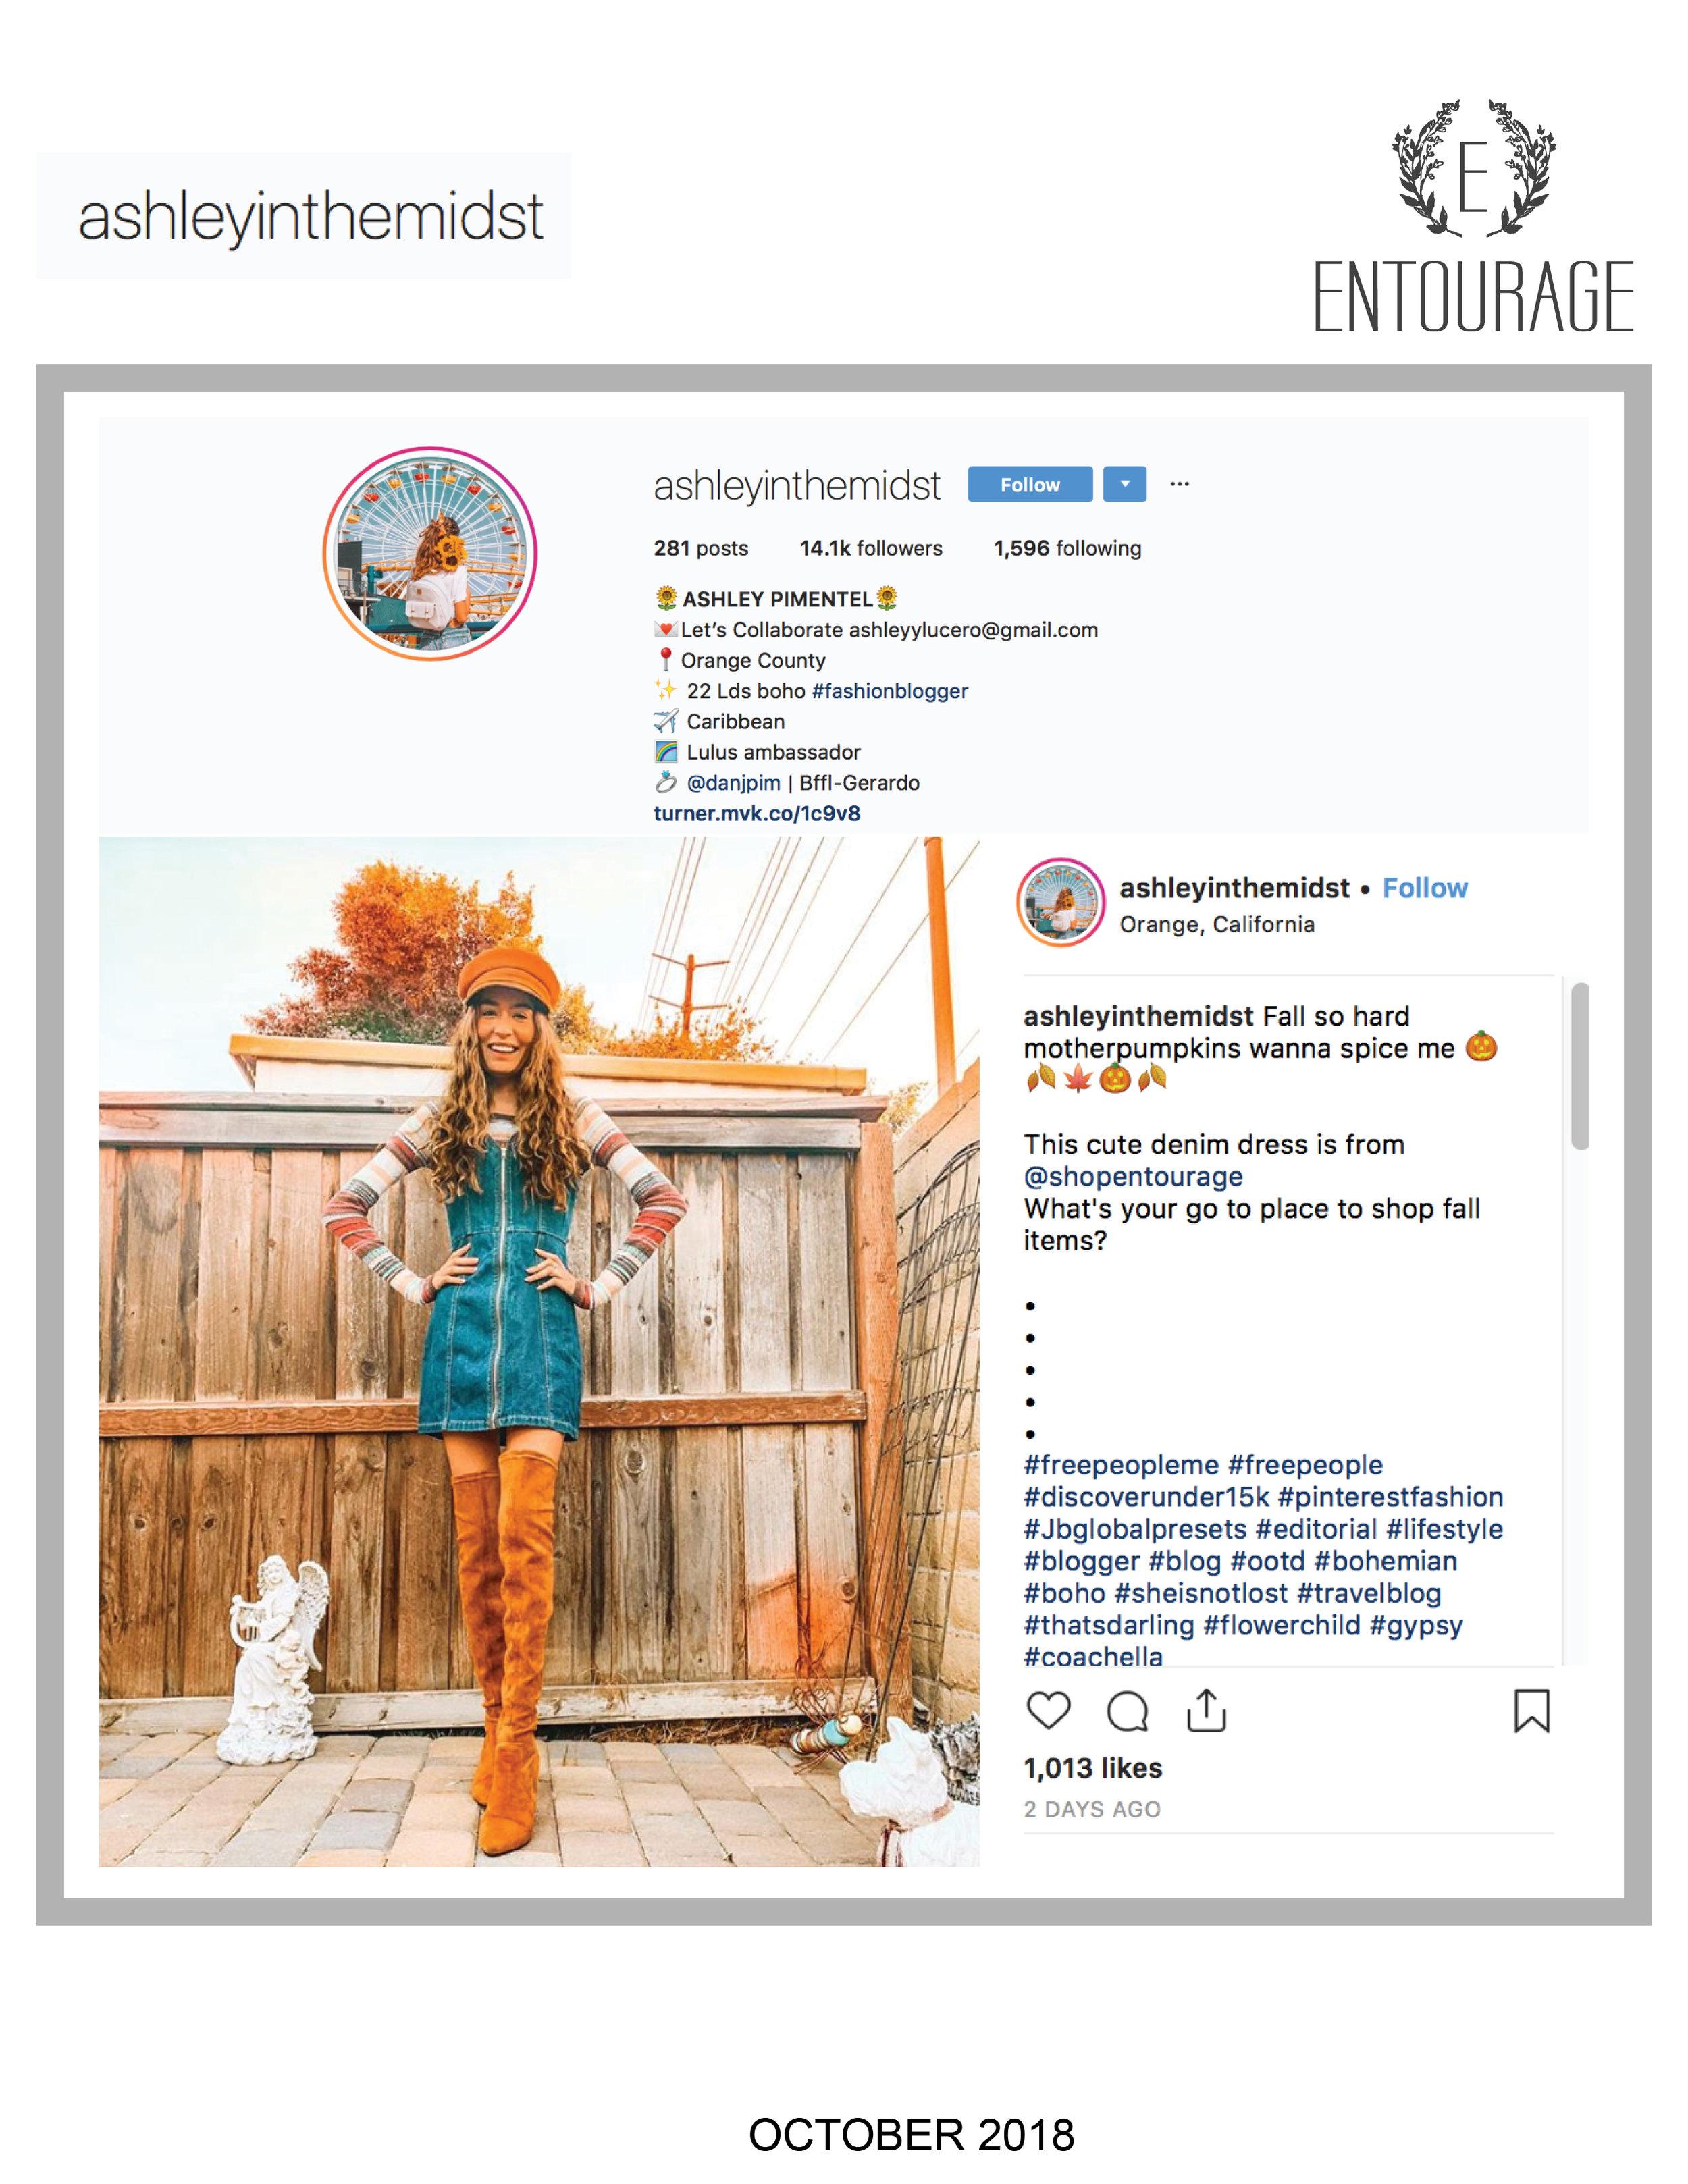 Entourage_AshleyPimentel_October2018.jpg